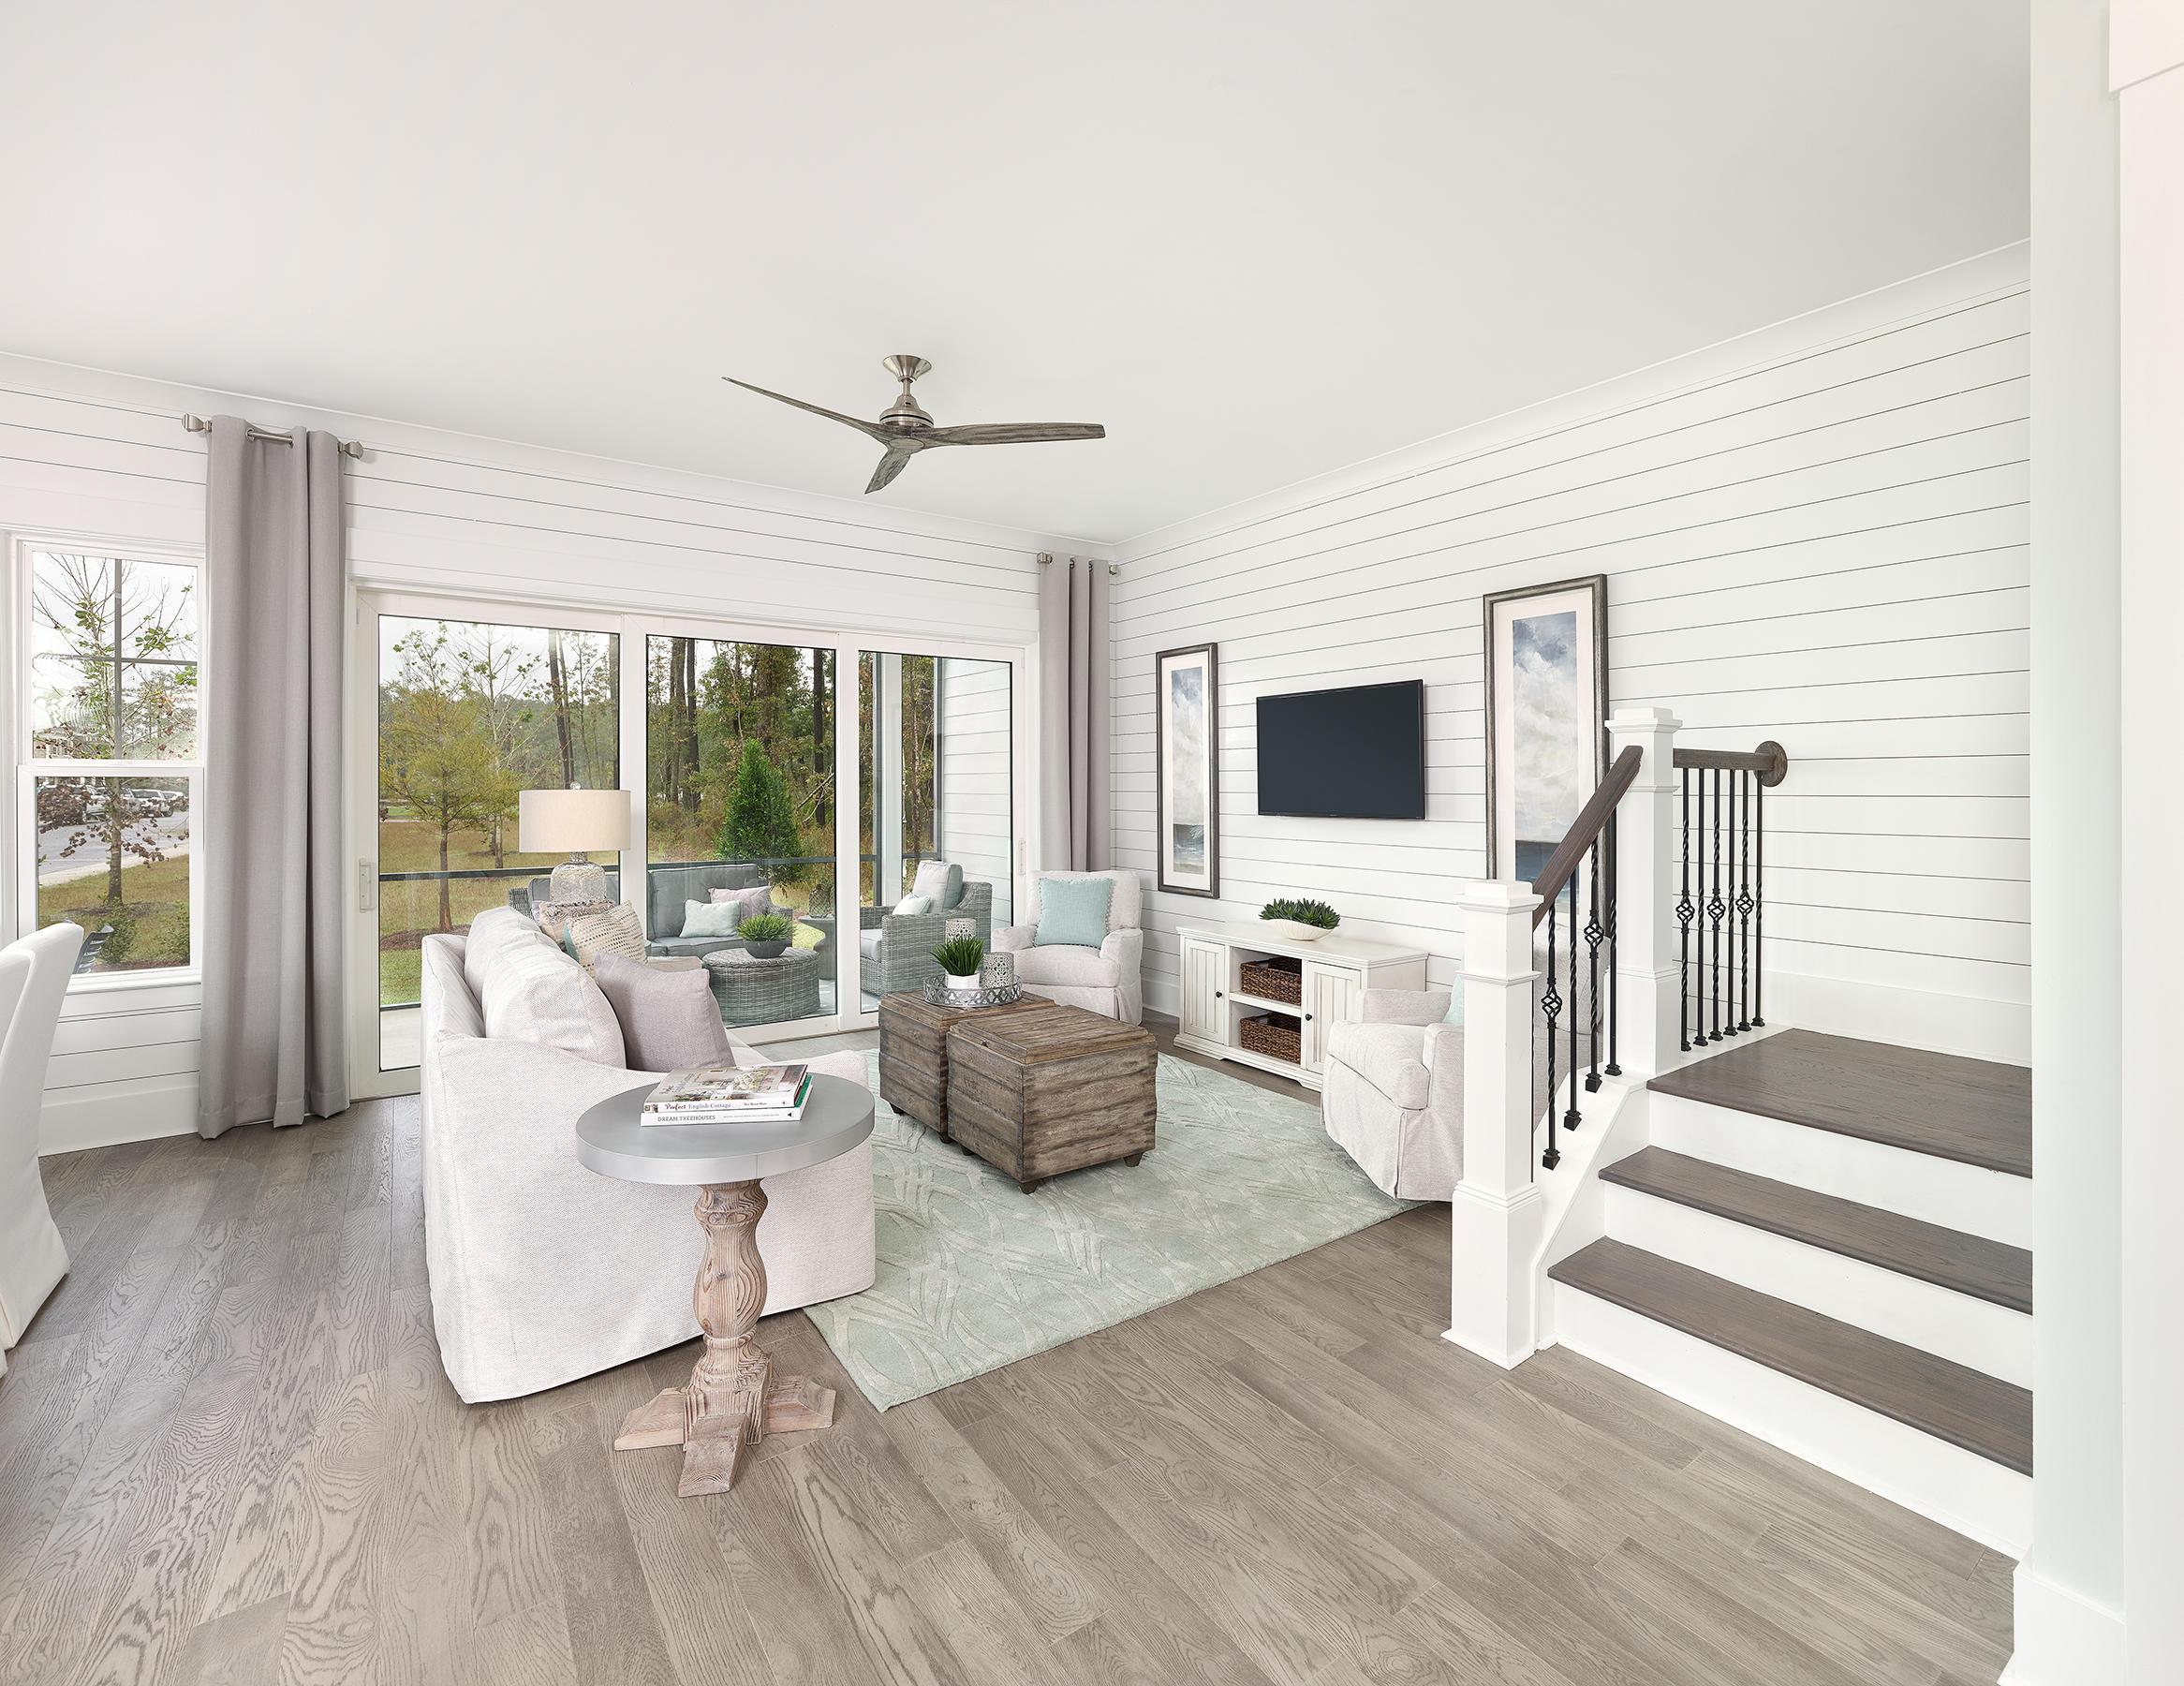 Dunes West Homes For Sale - 2406 Brackish, Mount Pleasant, SC - 22